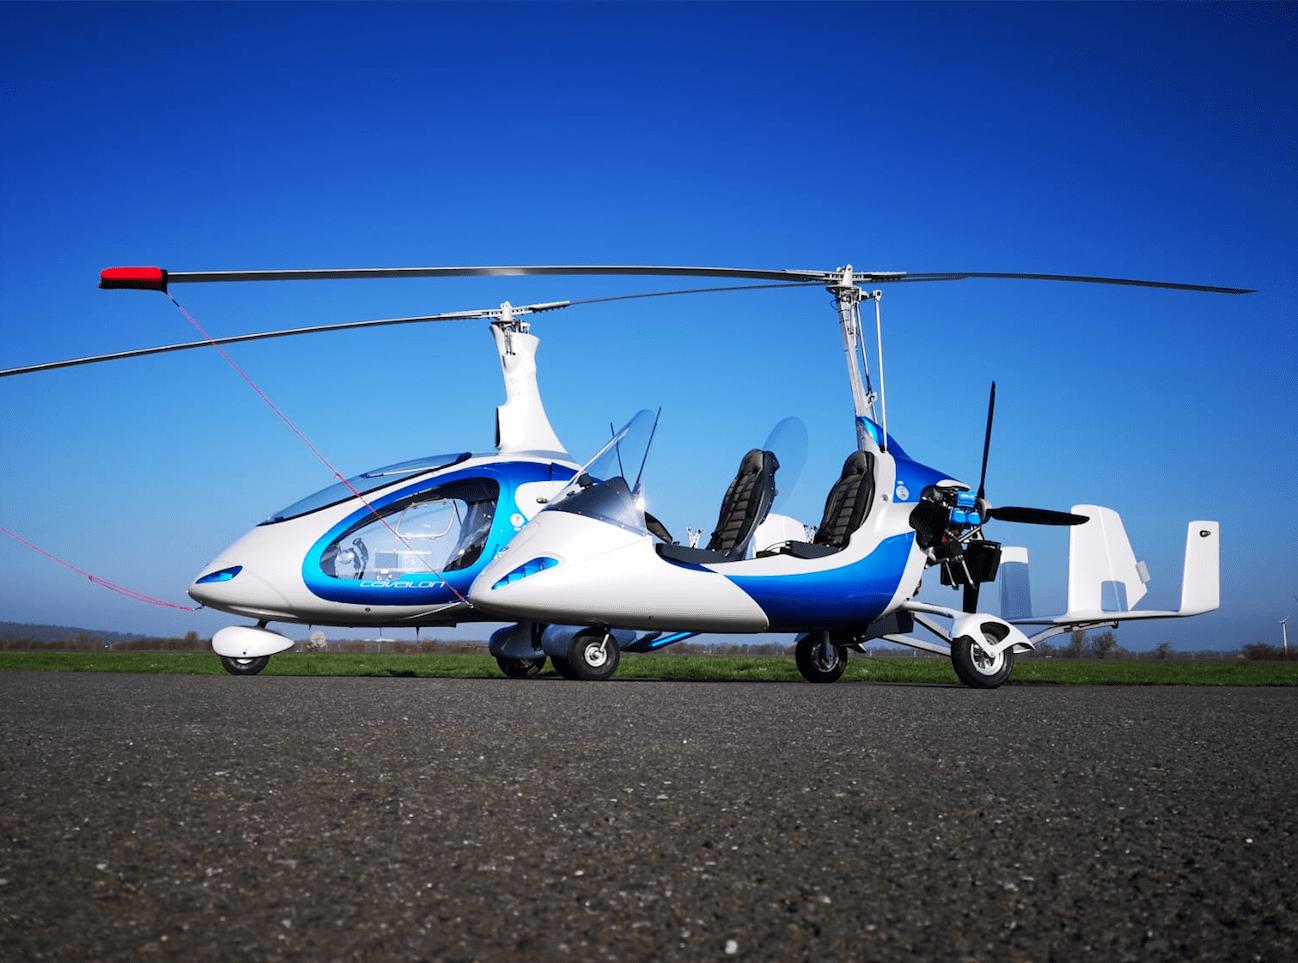 Mehr Dampf: Der offene MTOsport und der Side-by-side-Sitzer Cavalon fliegen jetzt mit 140 PS